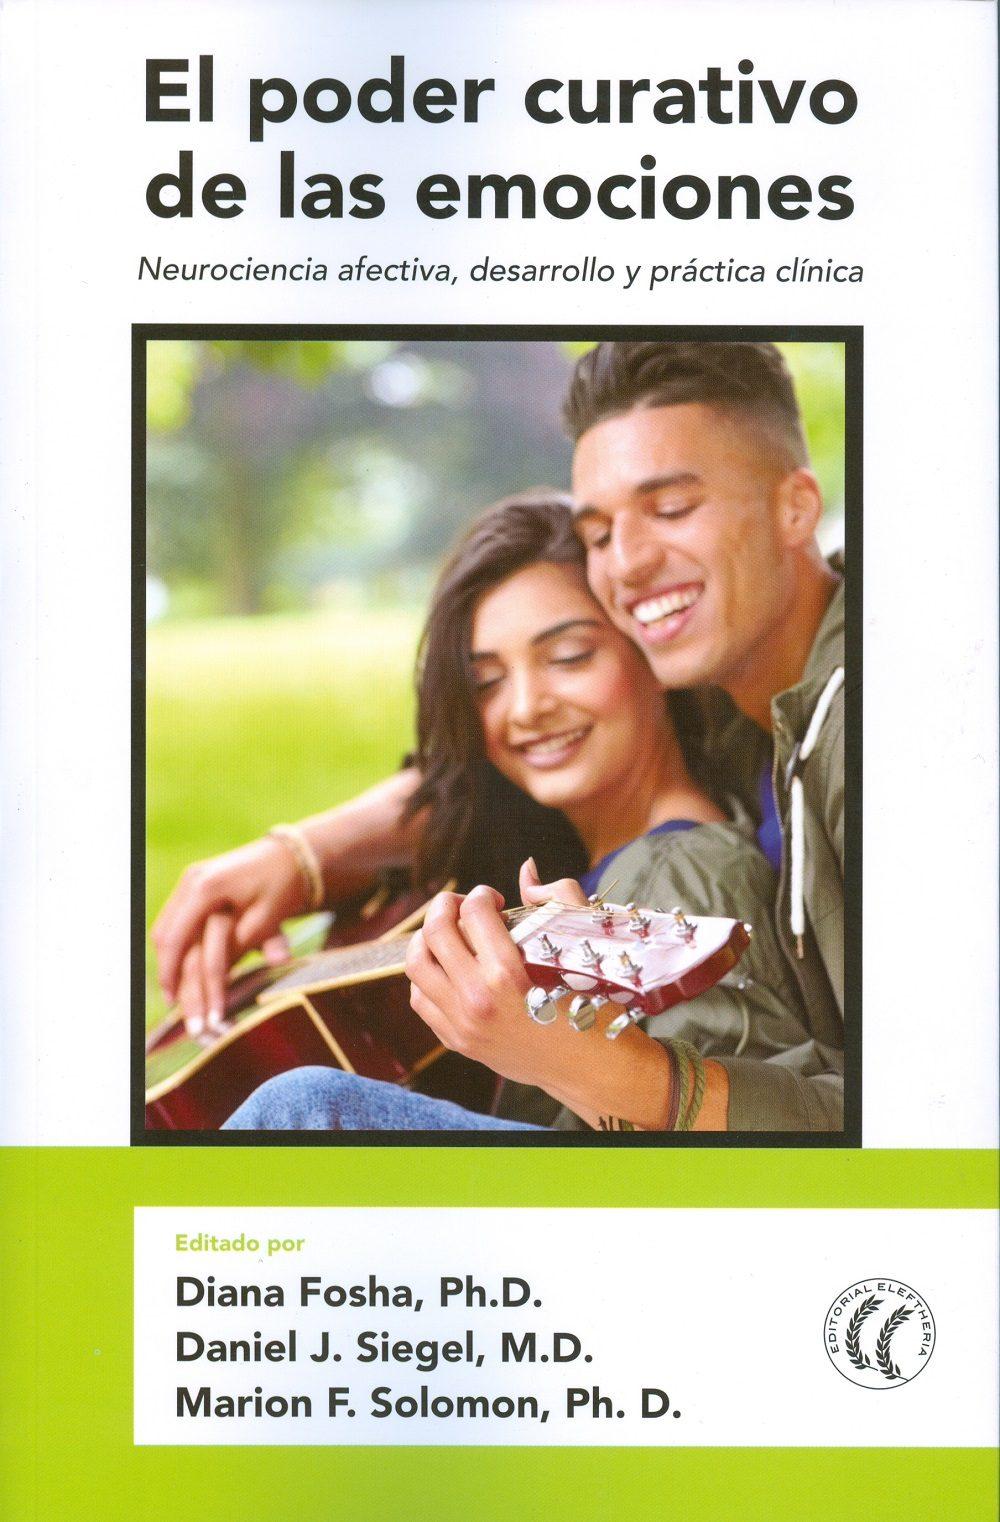 El Poder Curativo De Las Emociones: Neurociencia Afectiva, Desarrollo Y Practica Clinica por Vv.aa.